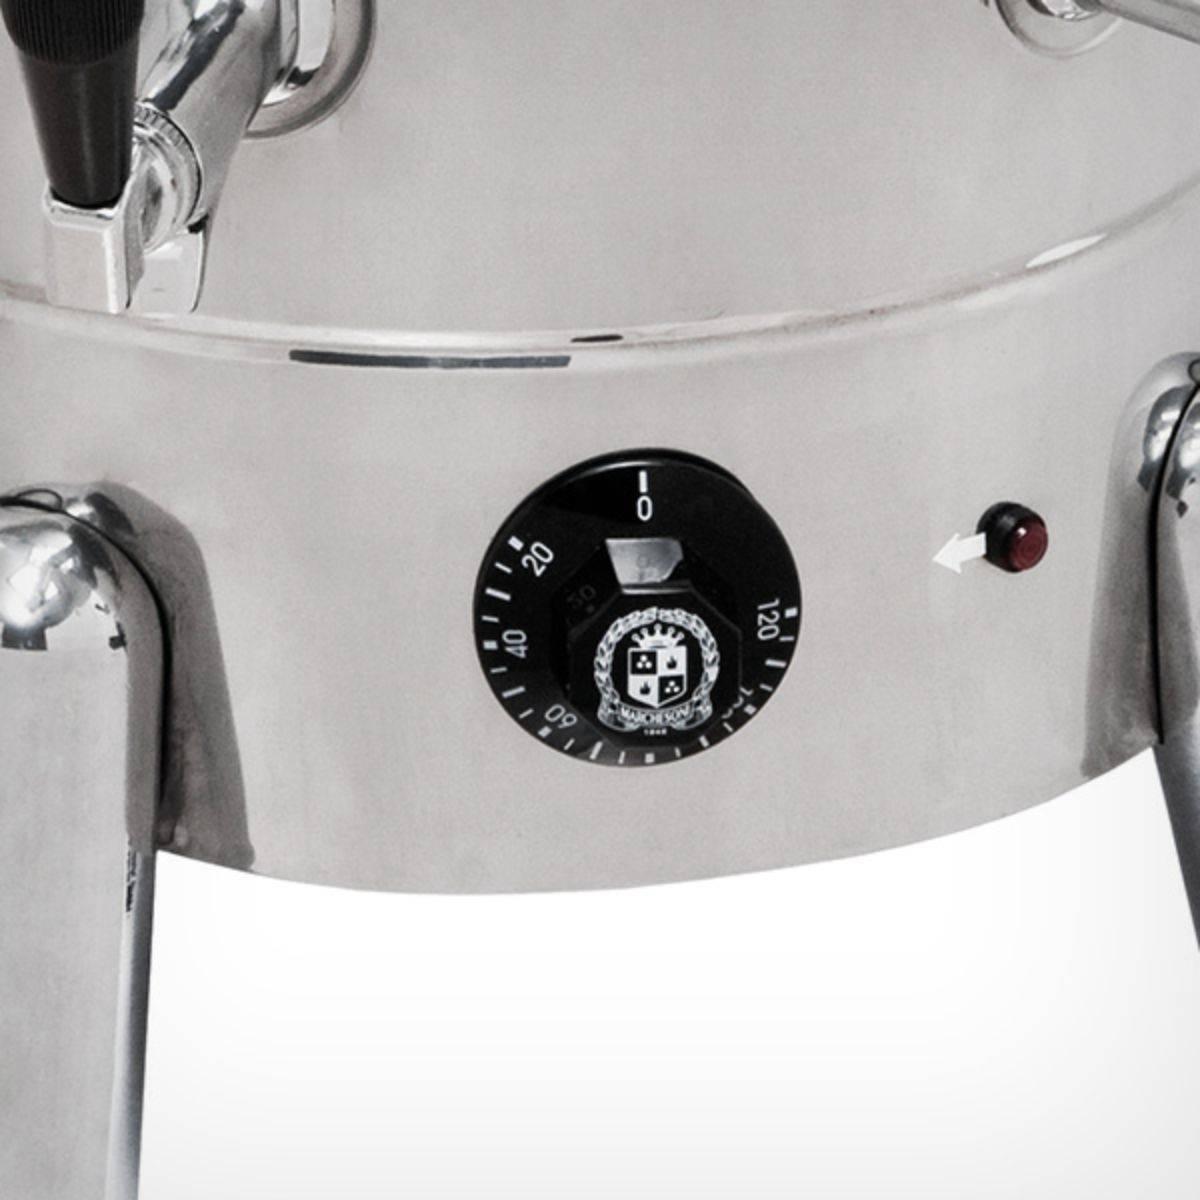 Cafeteira Elétrica Tradicional 4 Litros Marchesoni - Magazine do Chef